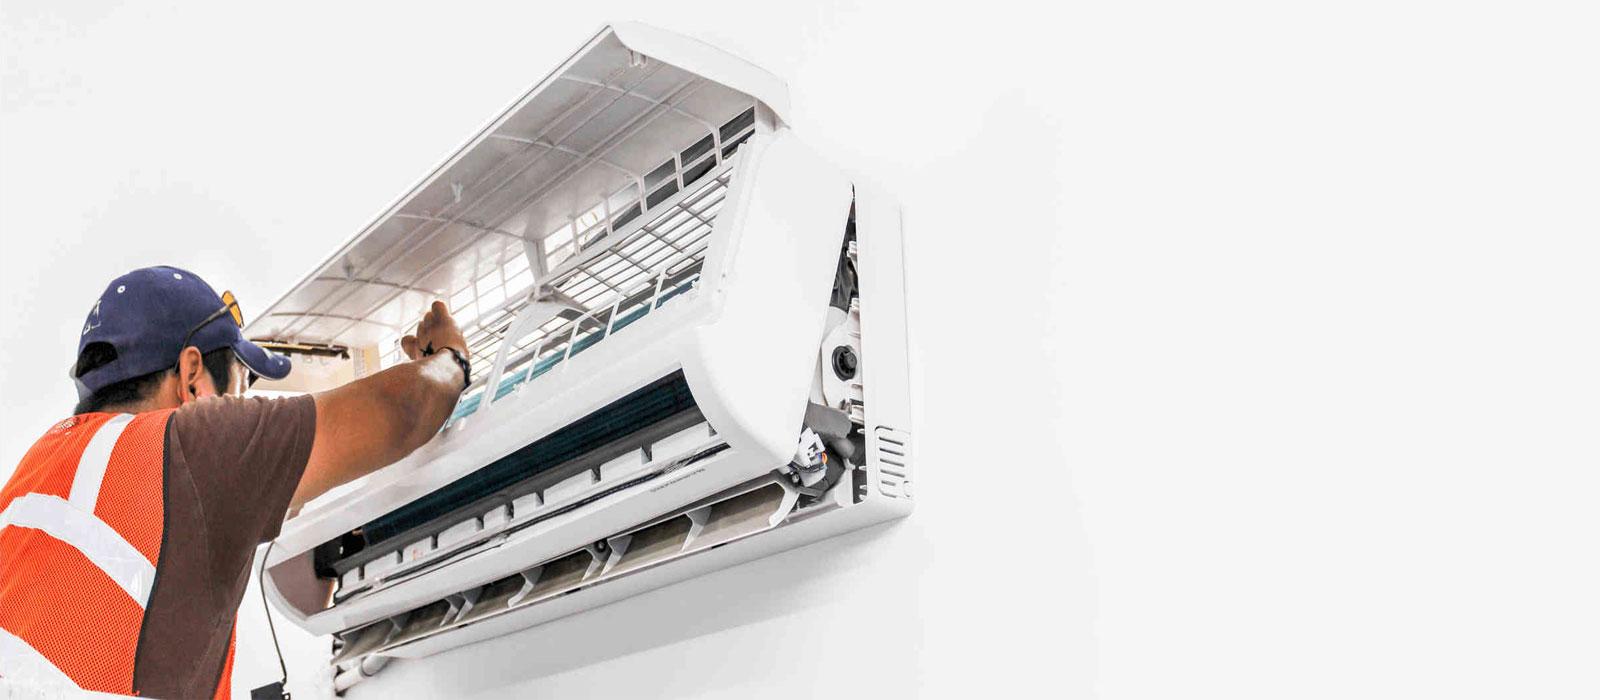 Description: Điện máy Tân Tiến mua bán máy lạnh hàng chính hãng, uy tín